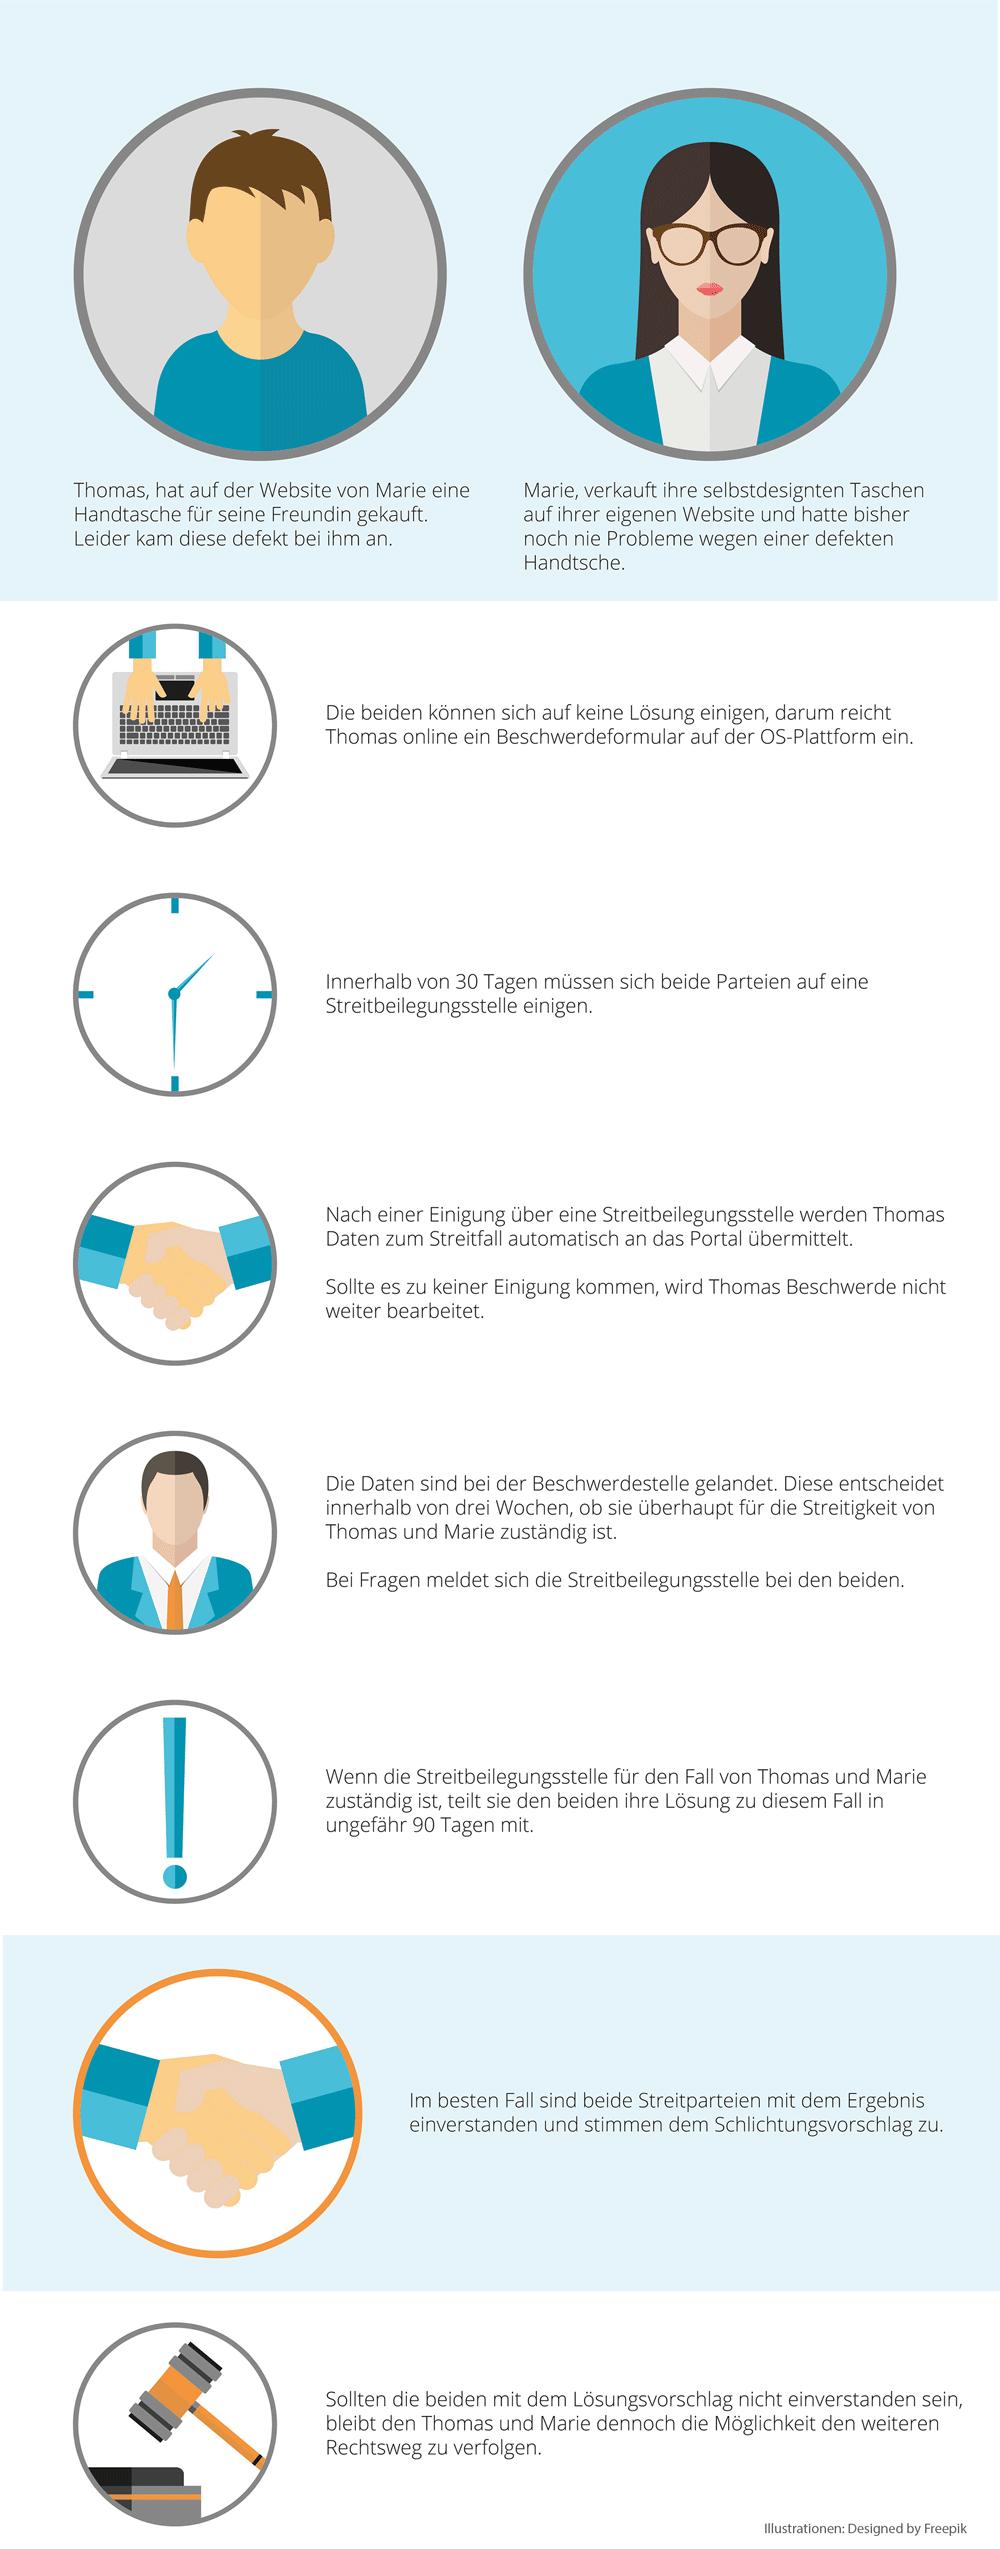 infografik-neue-richtlinie-streitschlichtung-os-plattform